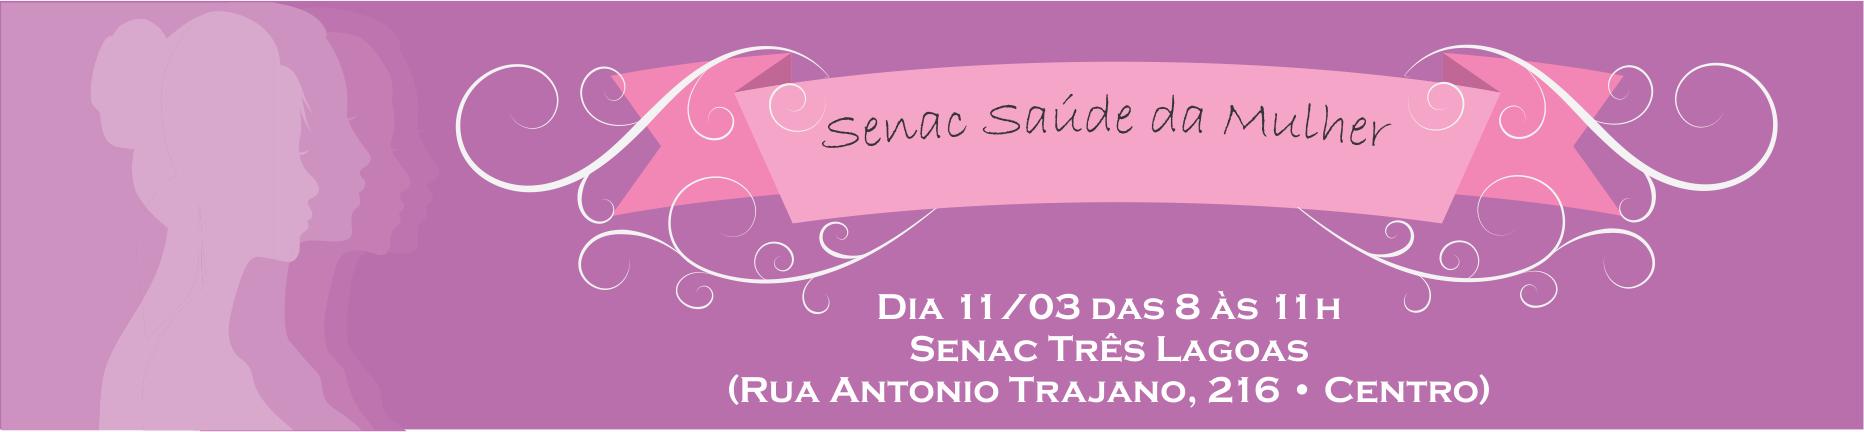 Senac Três Lagoas convida para o evento em comemoração ao dia das Mulheres